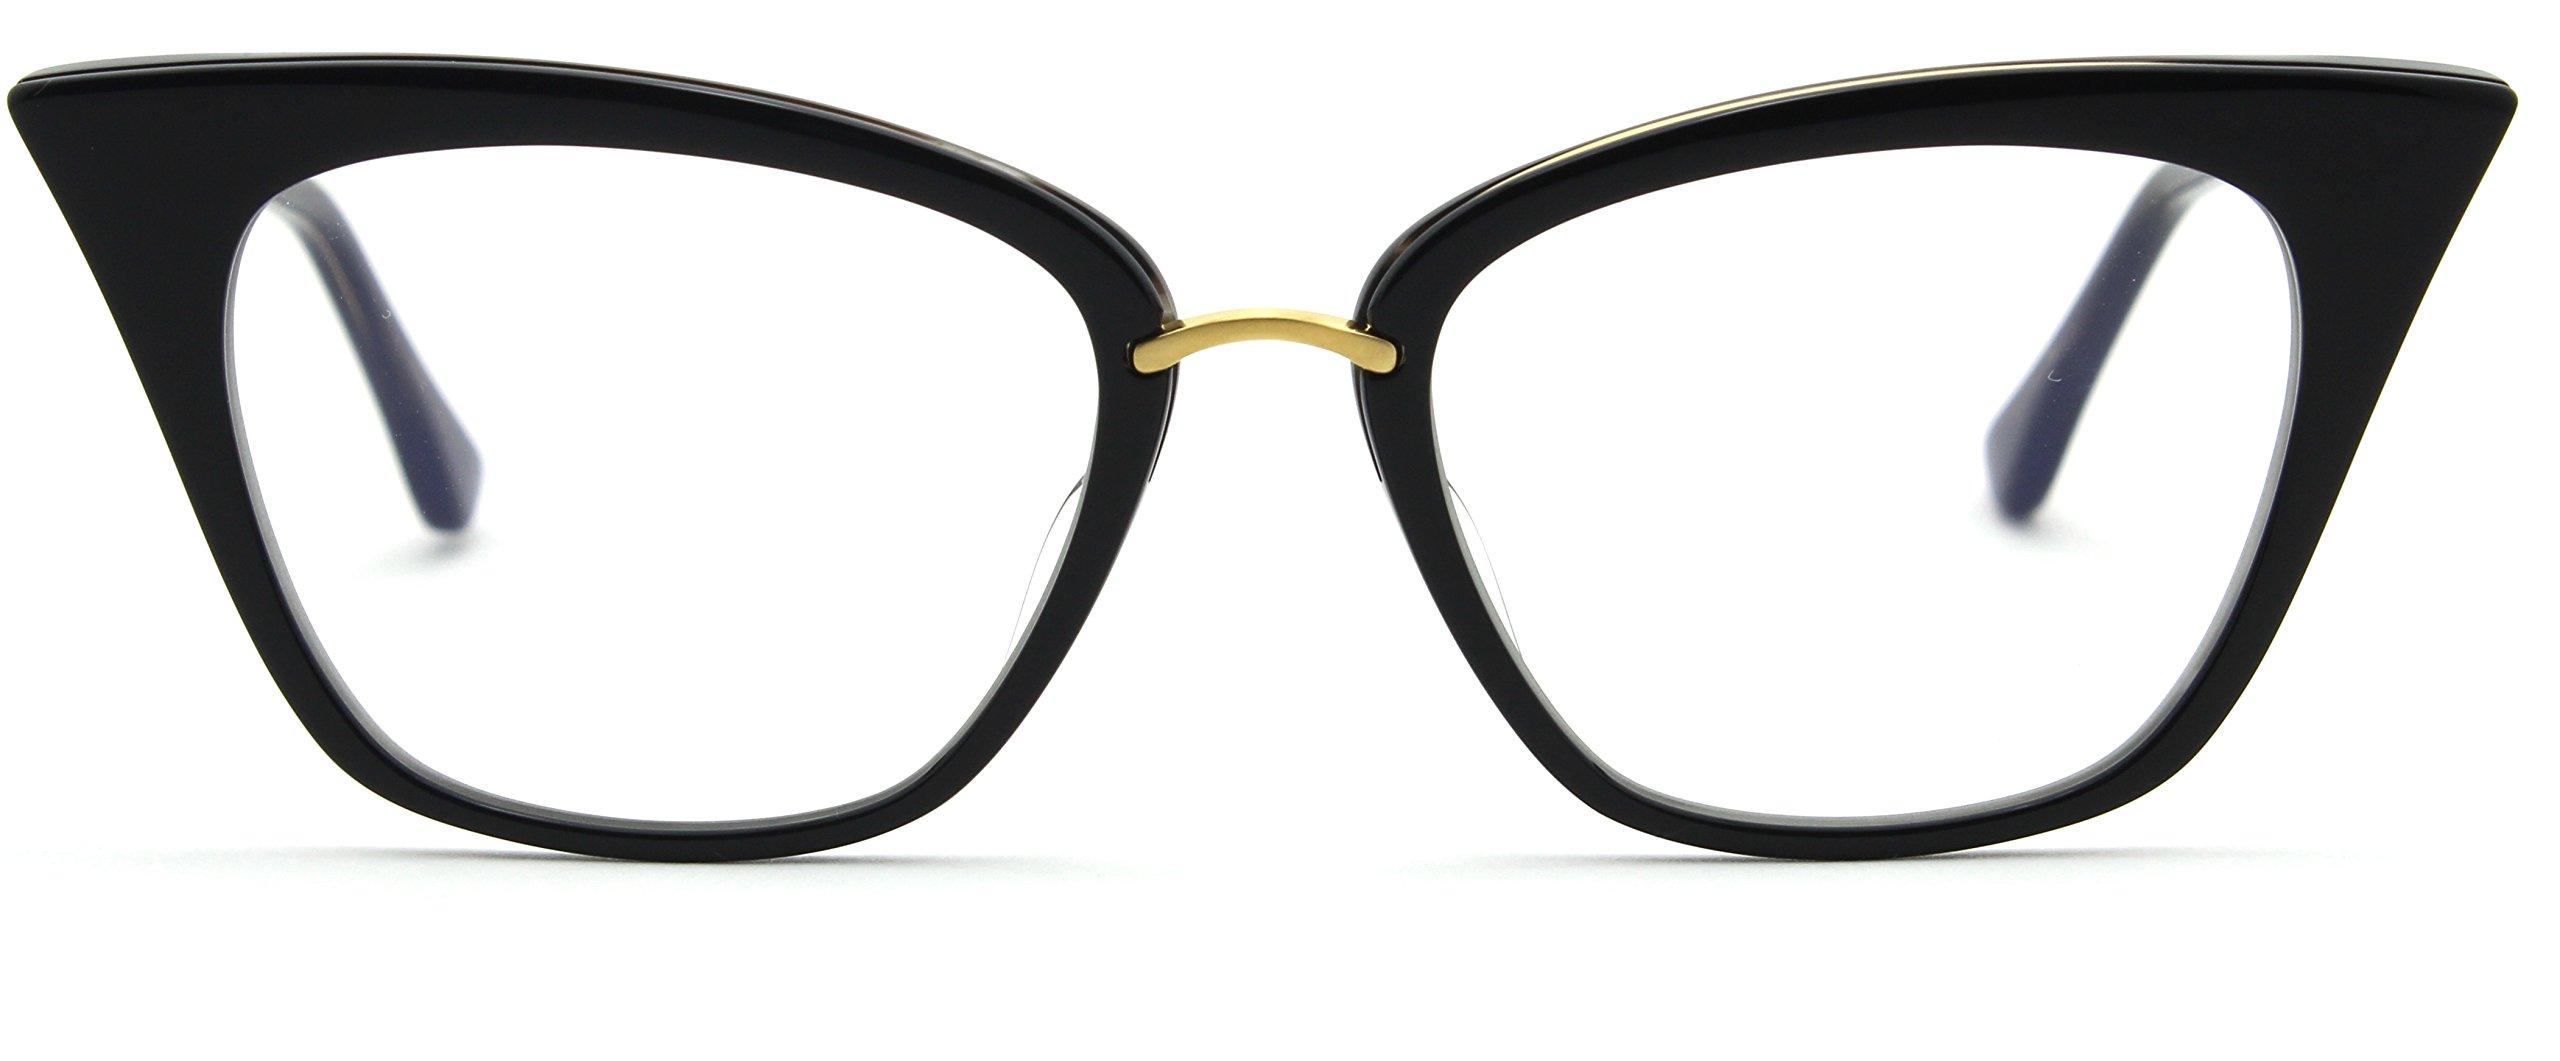 Dita DRX-3031 REBELLA Women Eyeglasses Cat-Eye Gold Frame (Black 18K Gold (A), 51)